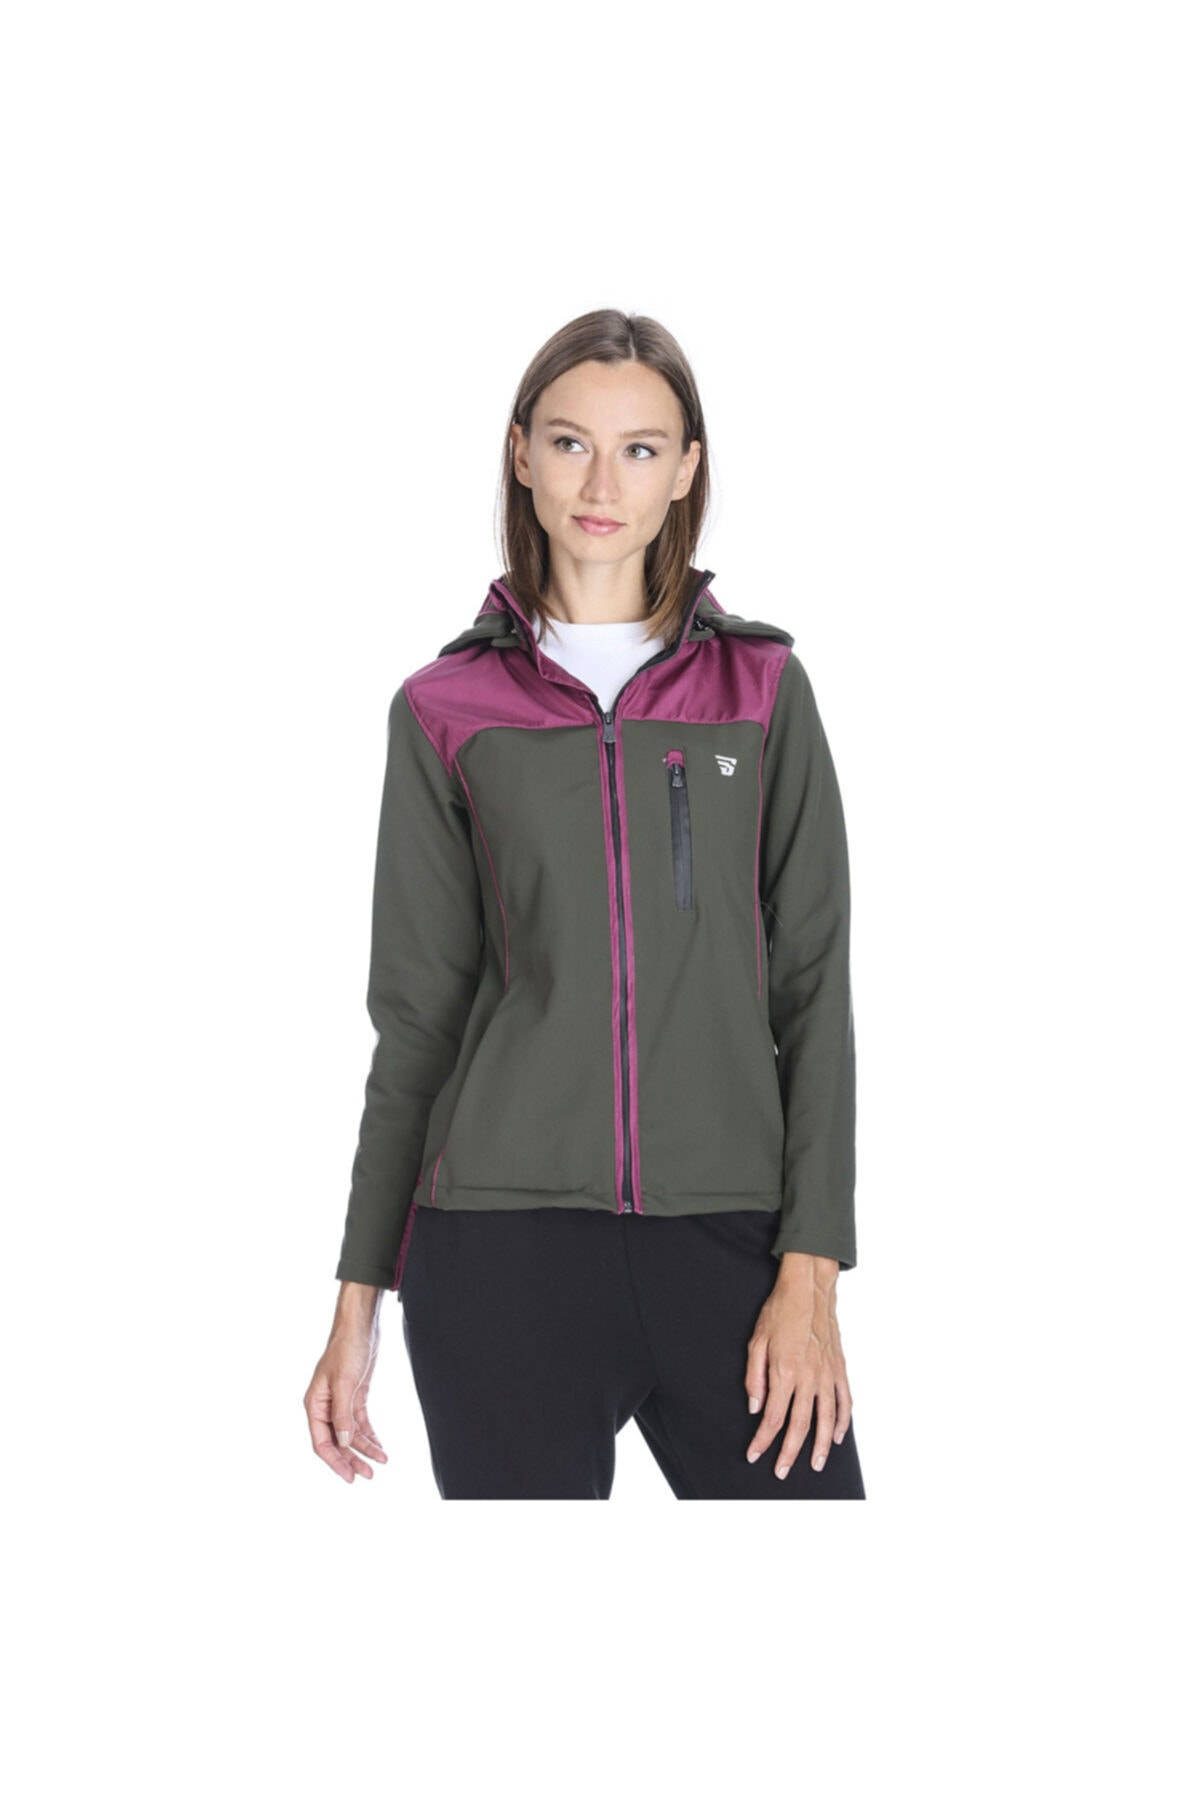 فروش کاپشن ورزشی مردانه برند Sportive رنگ سبز کد ty4718983